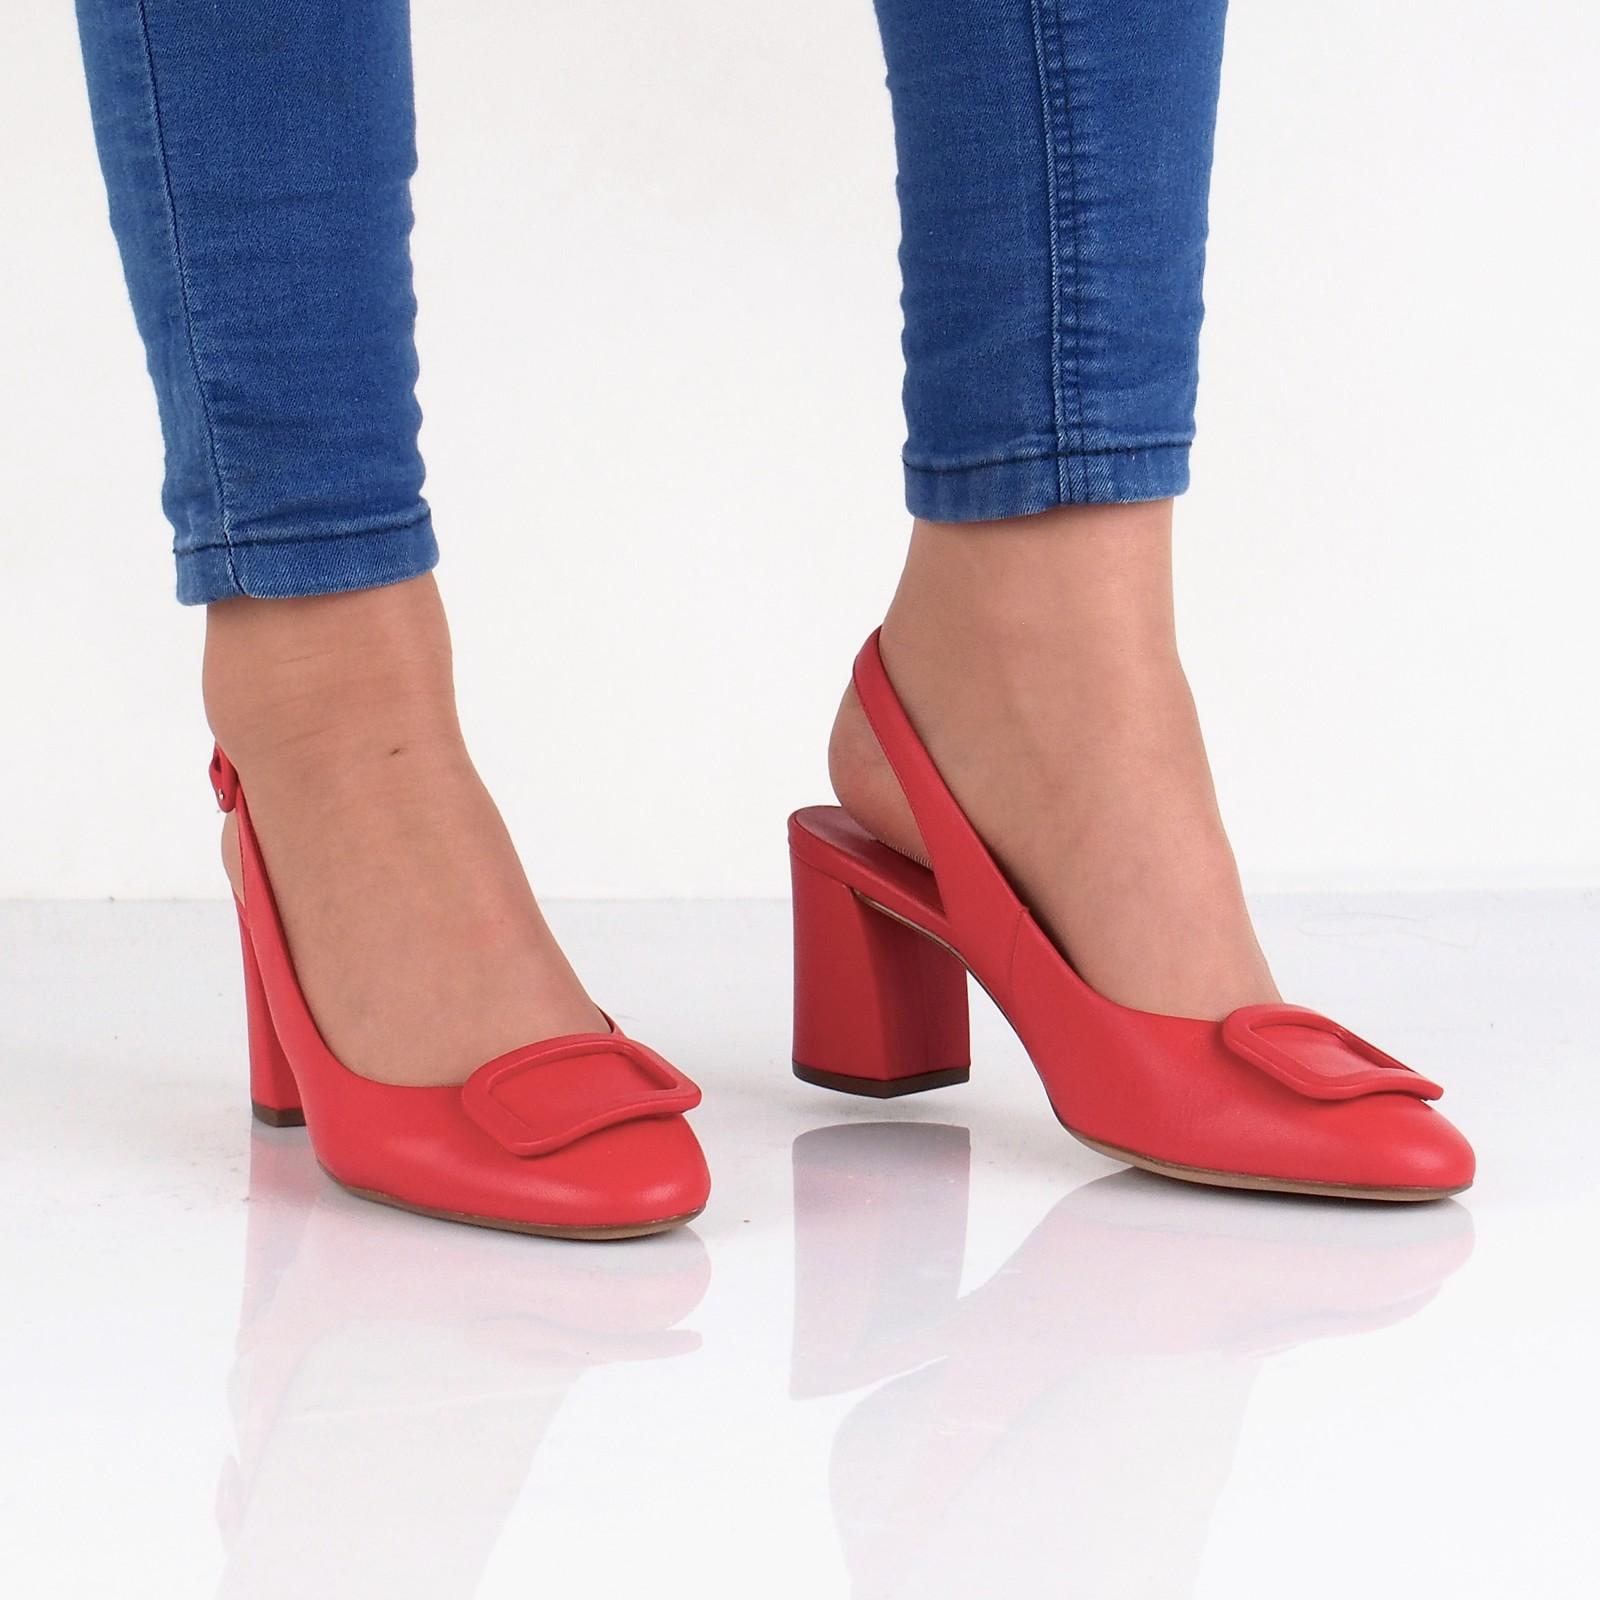 ba385fce025b Högl dámske kožené štýlové sandále - červené ...